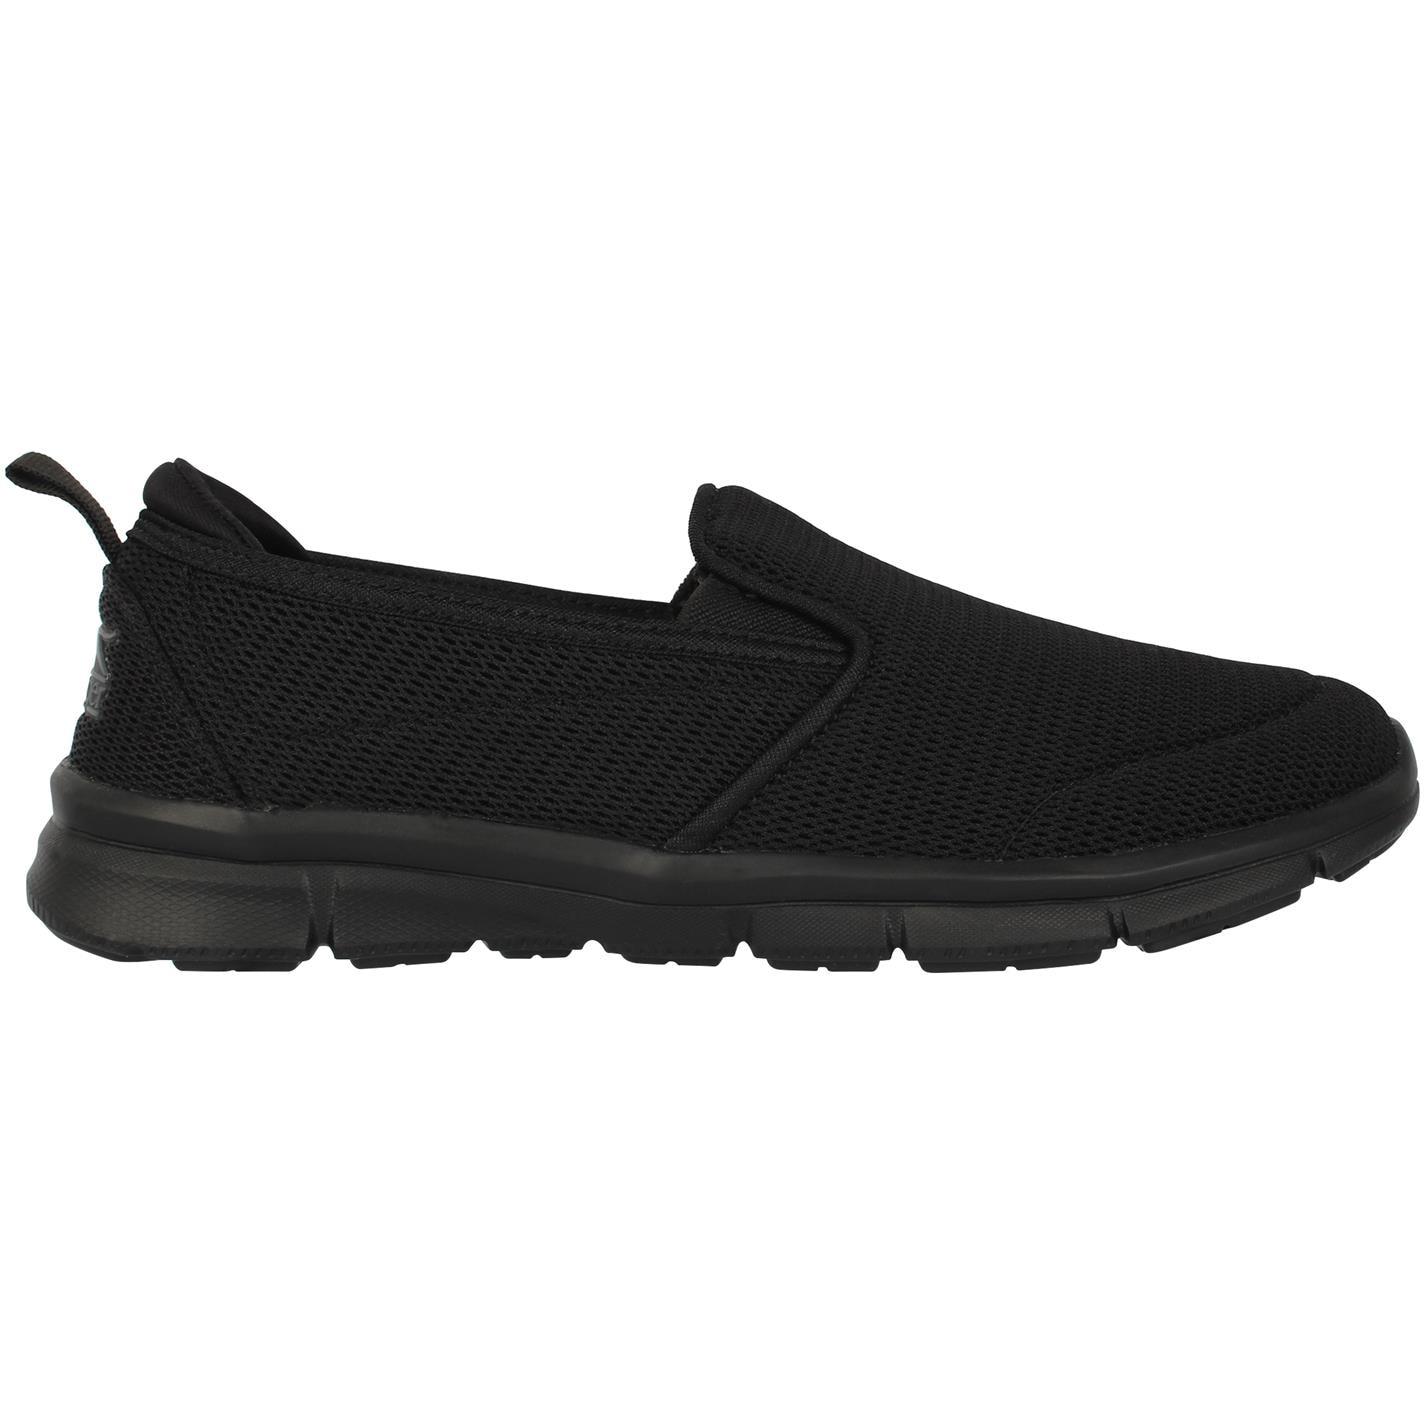 Slazenger Zeal Slip On Ladies Shoes Black Mesh